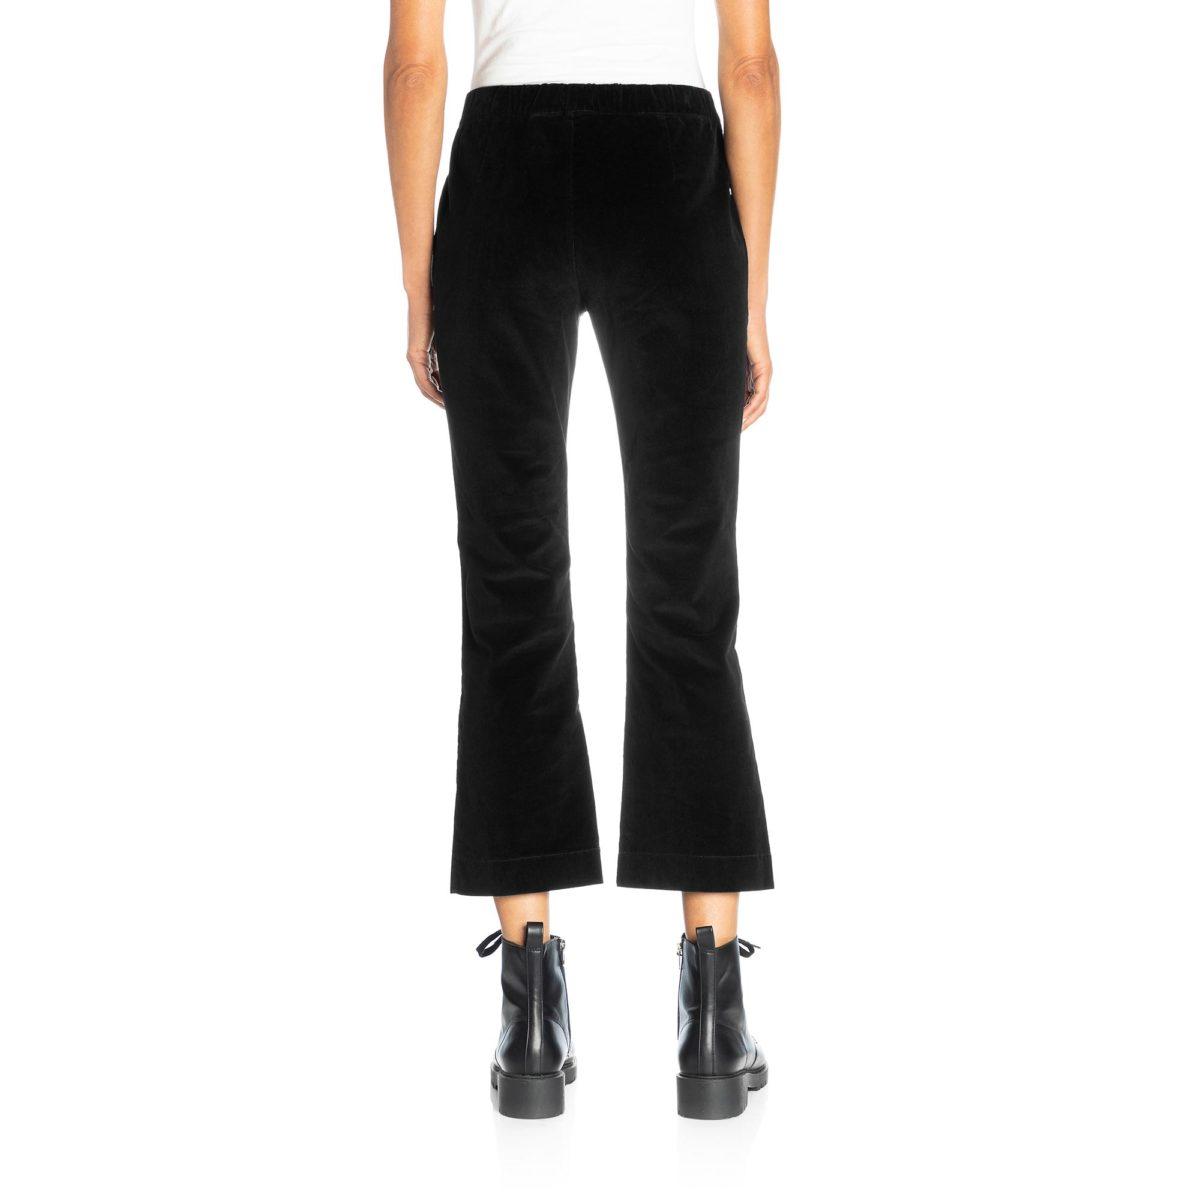 Pantalone Flare in velluto a costine Nero - Nicla